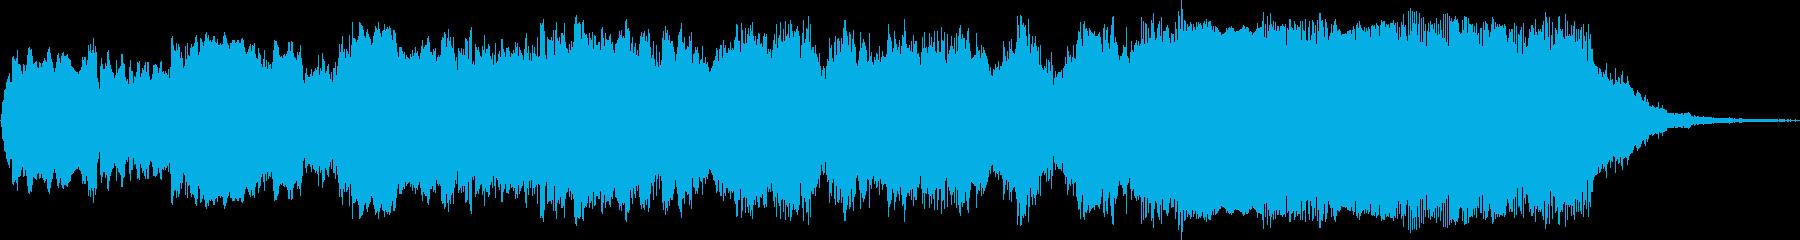 新たなるはじまりの音の再生済みの波形